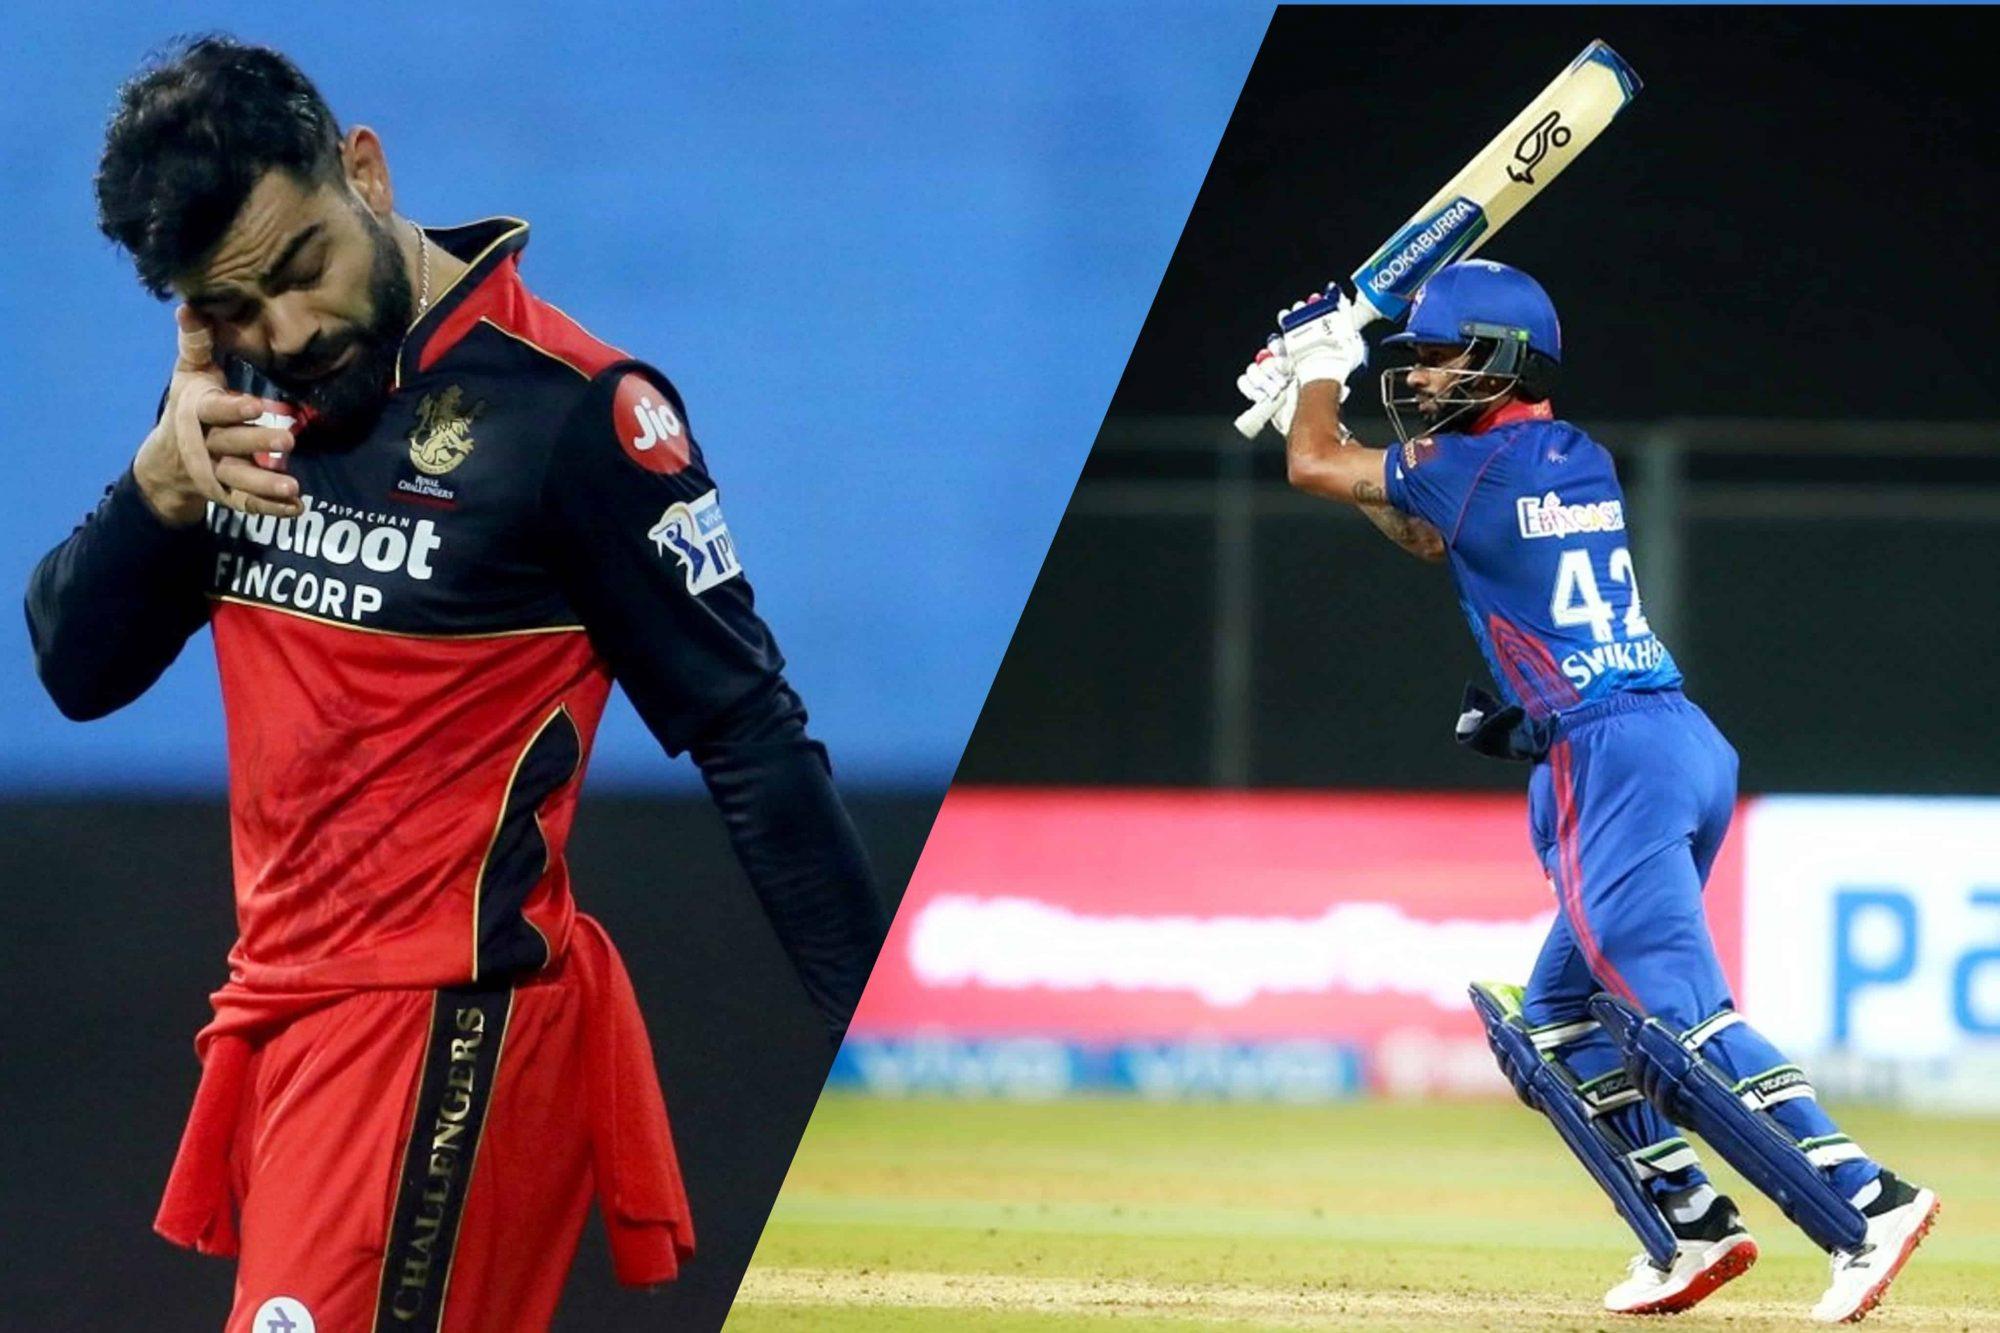 IPL 2021: Shikhar Dhawan Dethrones Virat Kohli From Top Spot To Register THIS Feat Against CSK